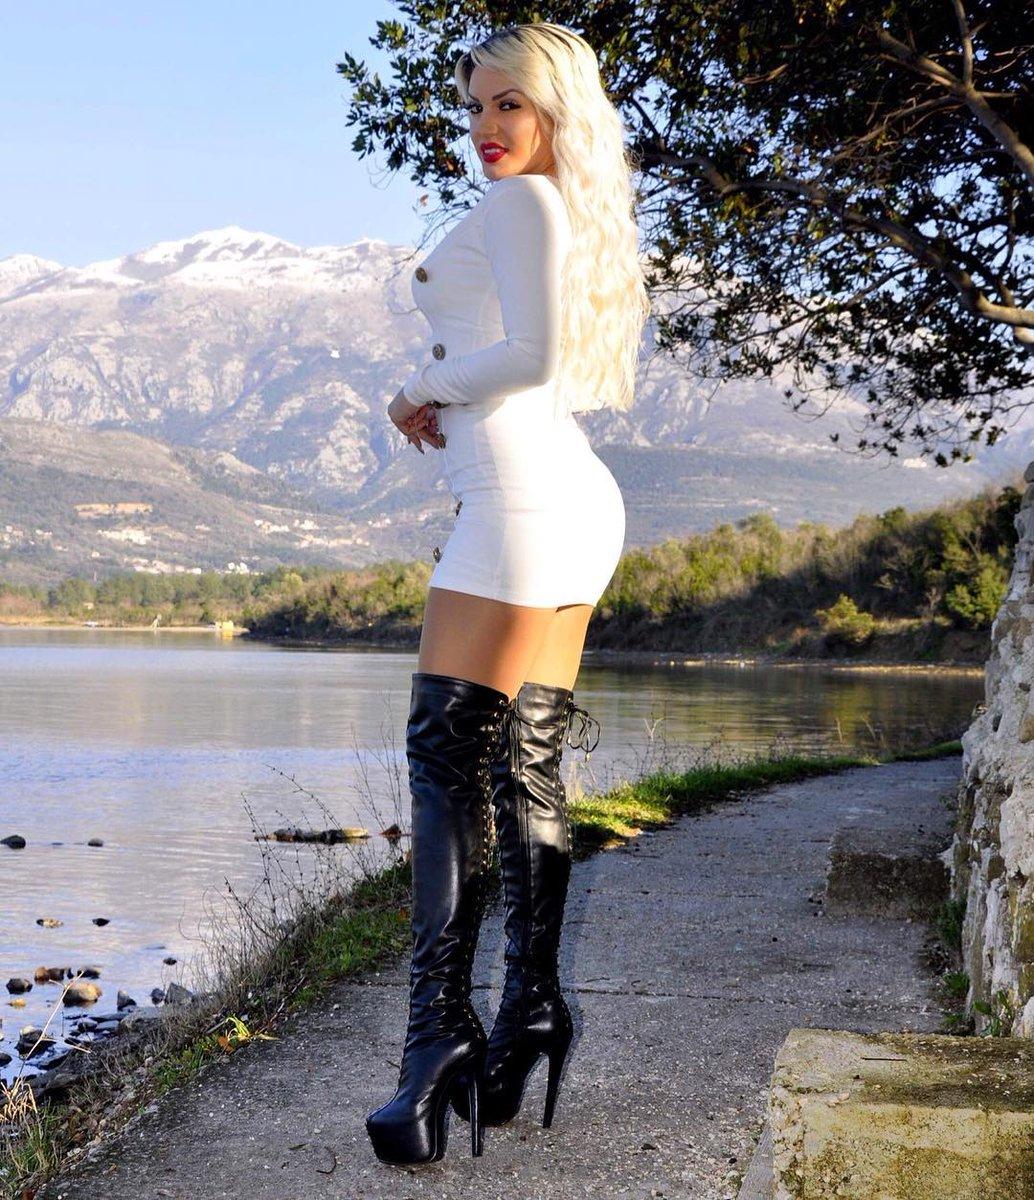 сюжеты, откровенные красивая блондинка в белых сапожках соц сети без плотного